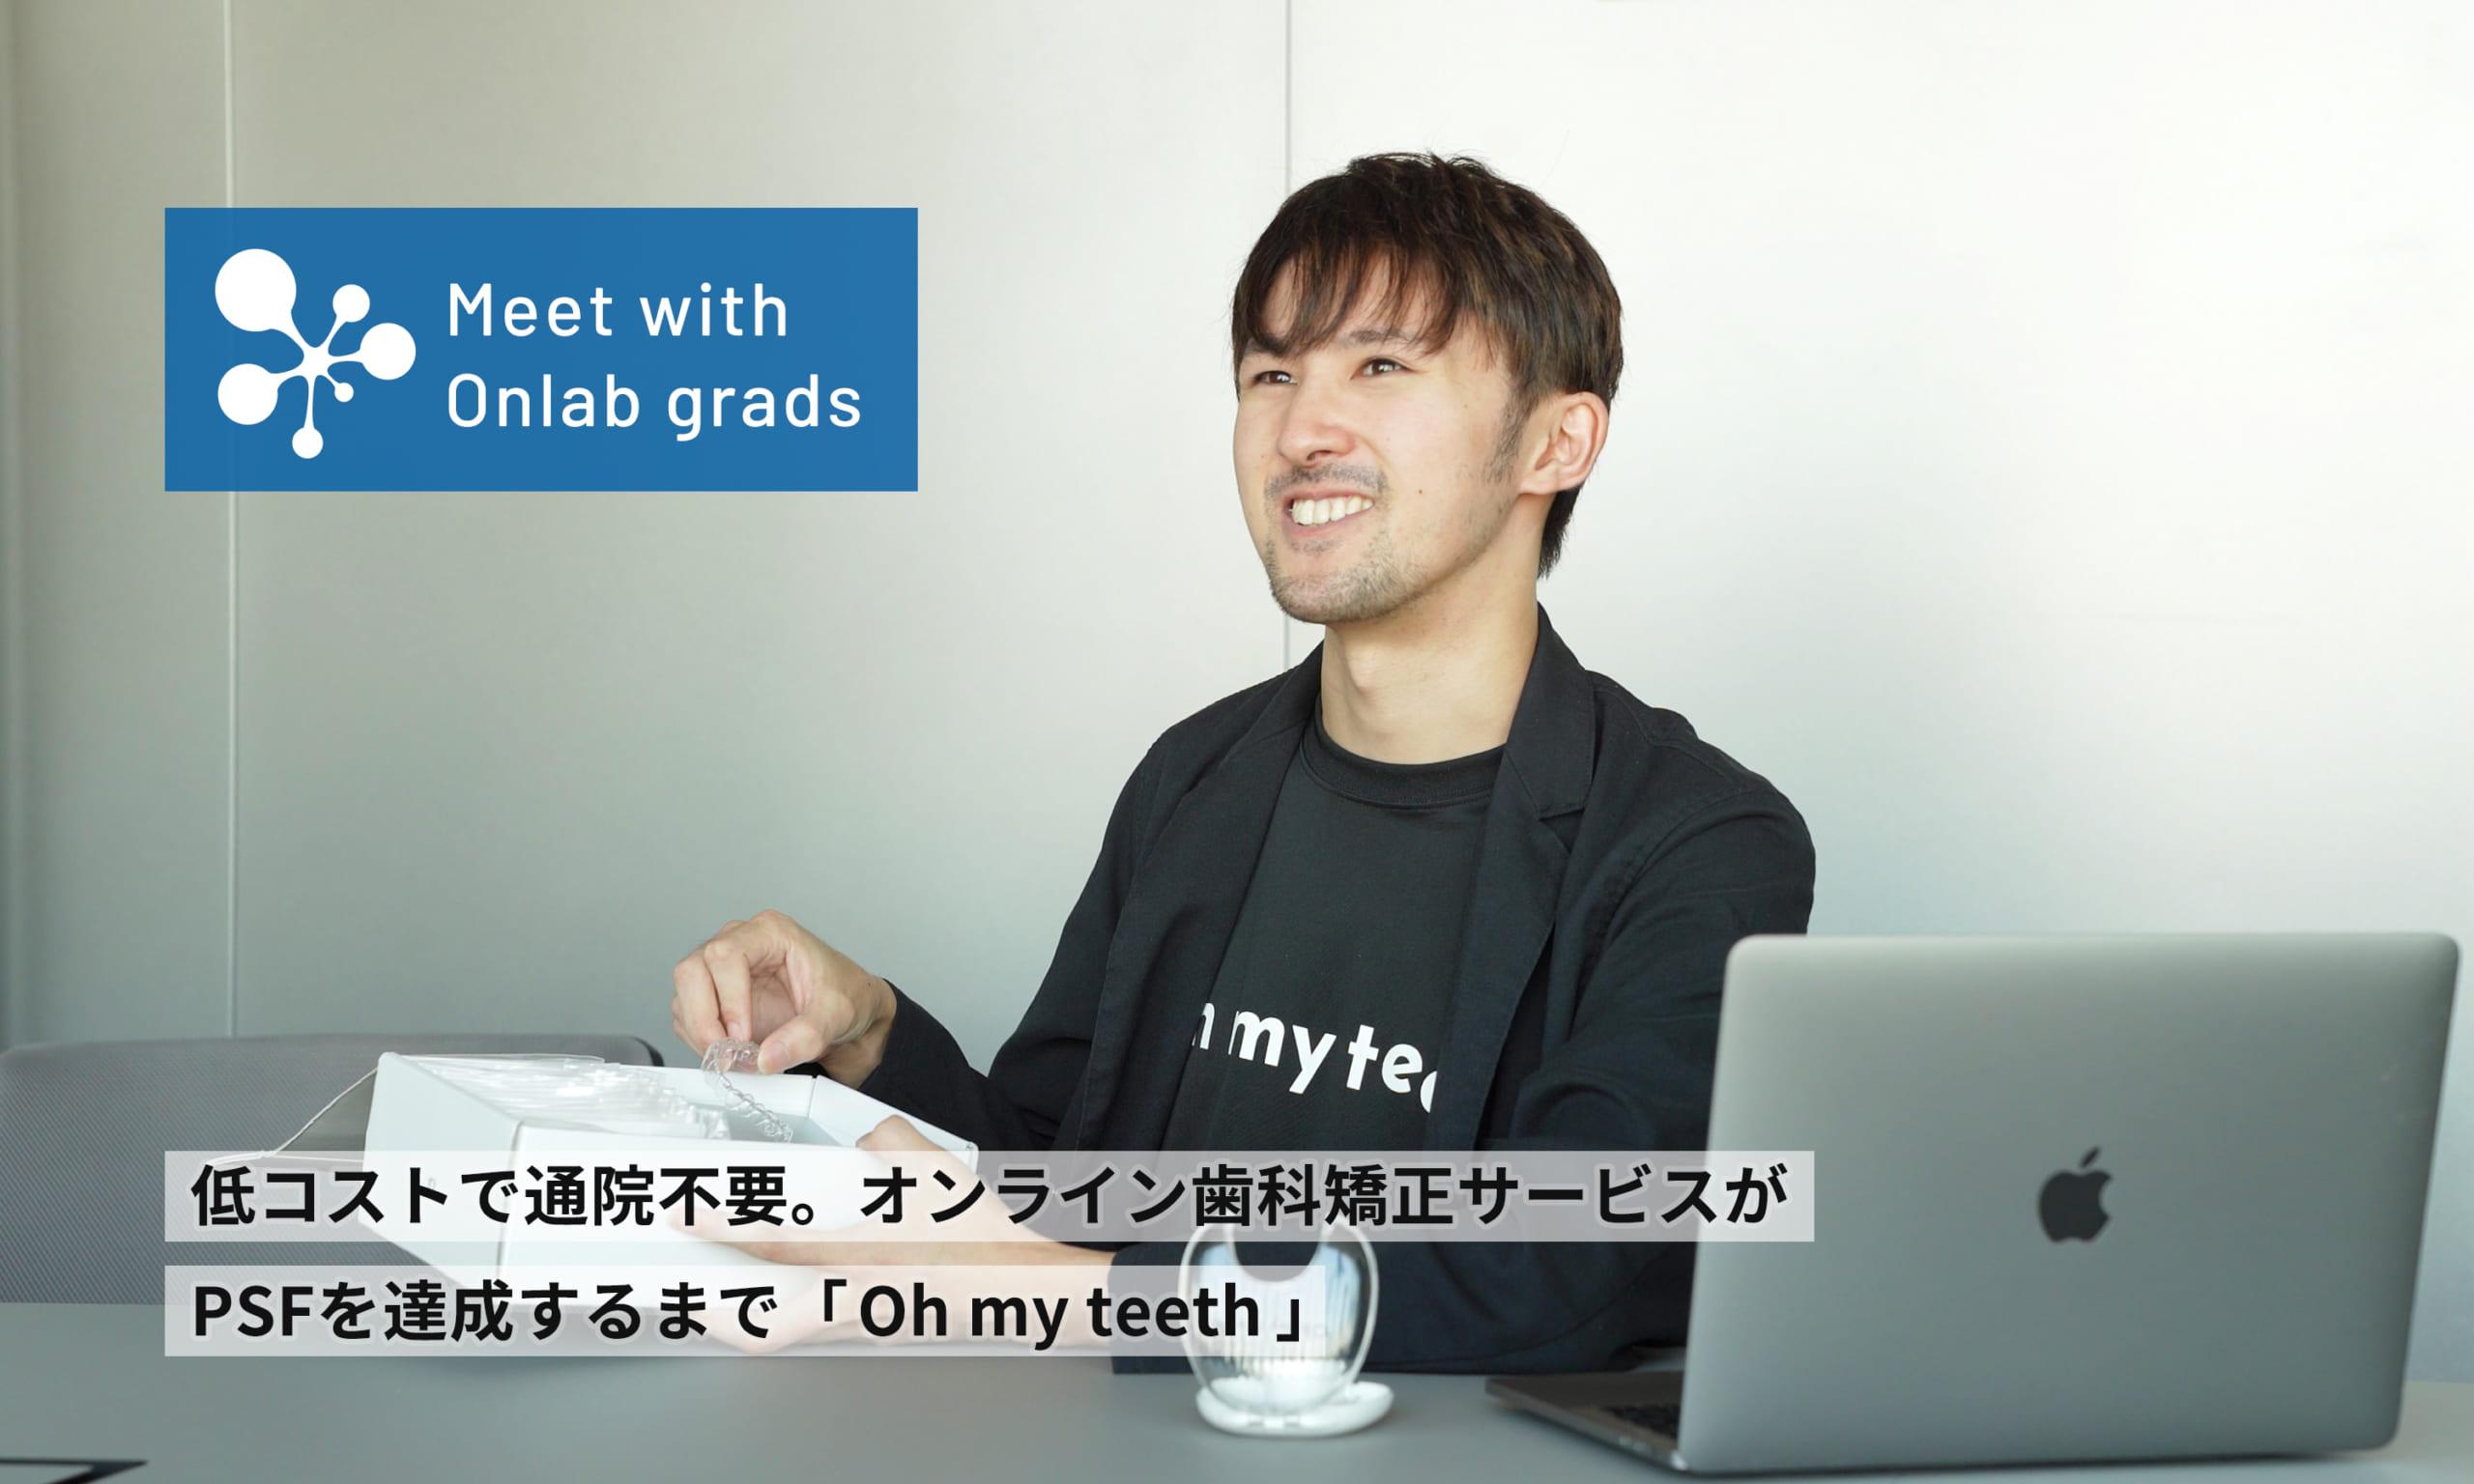 低コストで通院不要。オンライン歯科矯正サービスがPSFを達成するまで「Oh my teeth」|Meet with Onlab grads vol.16